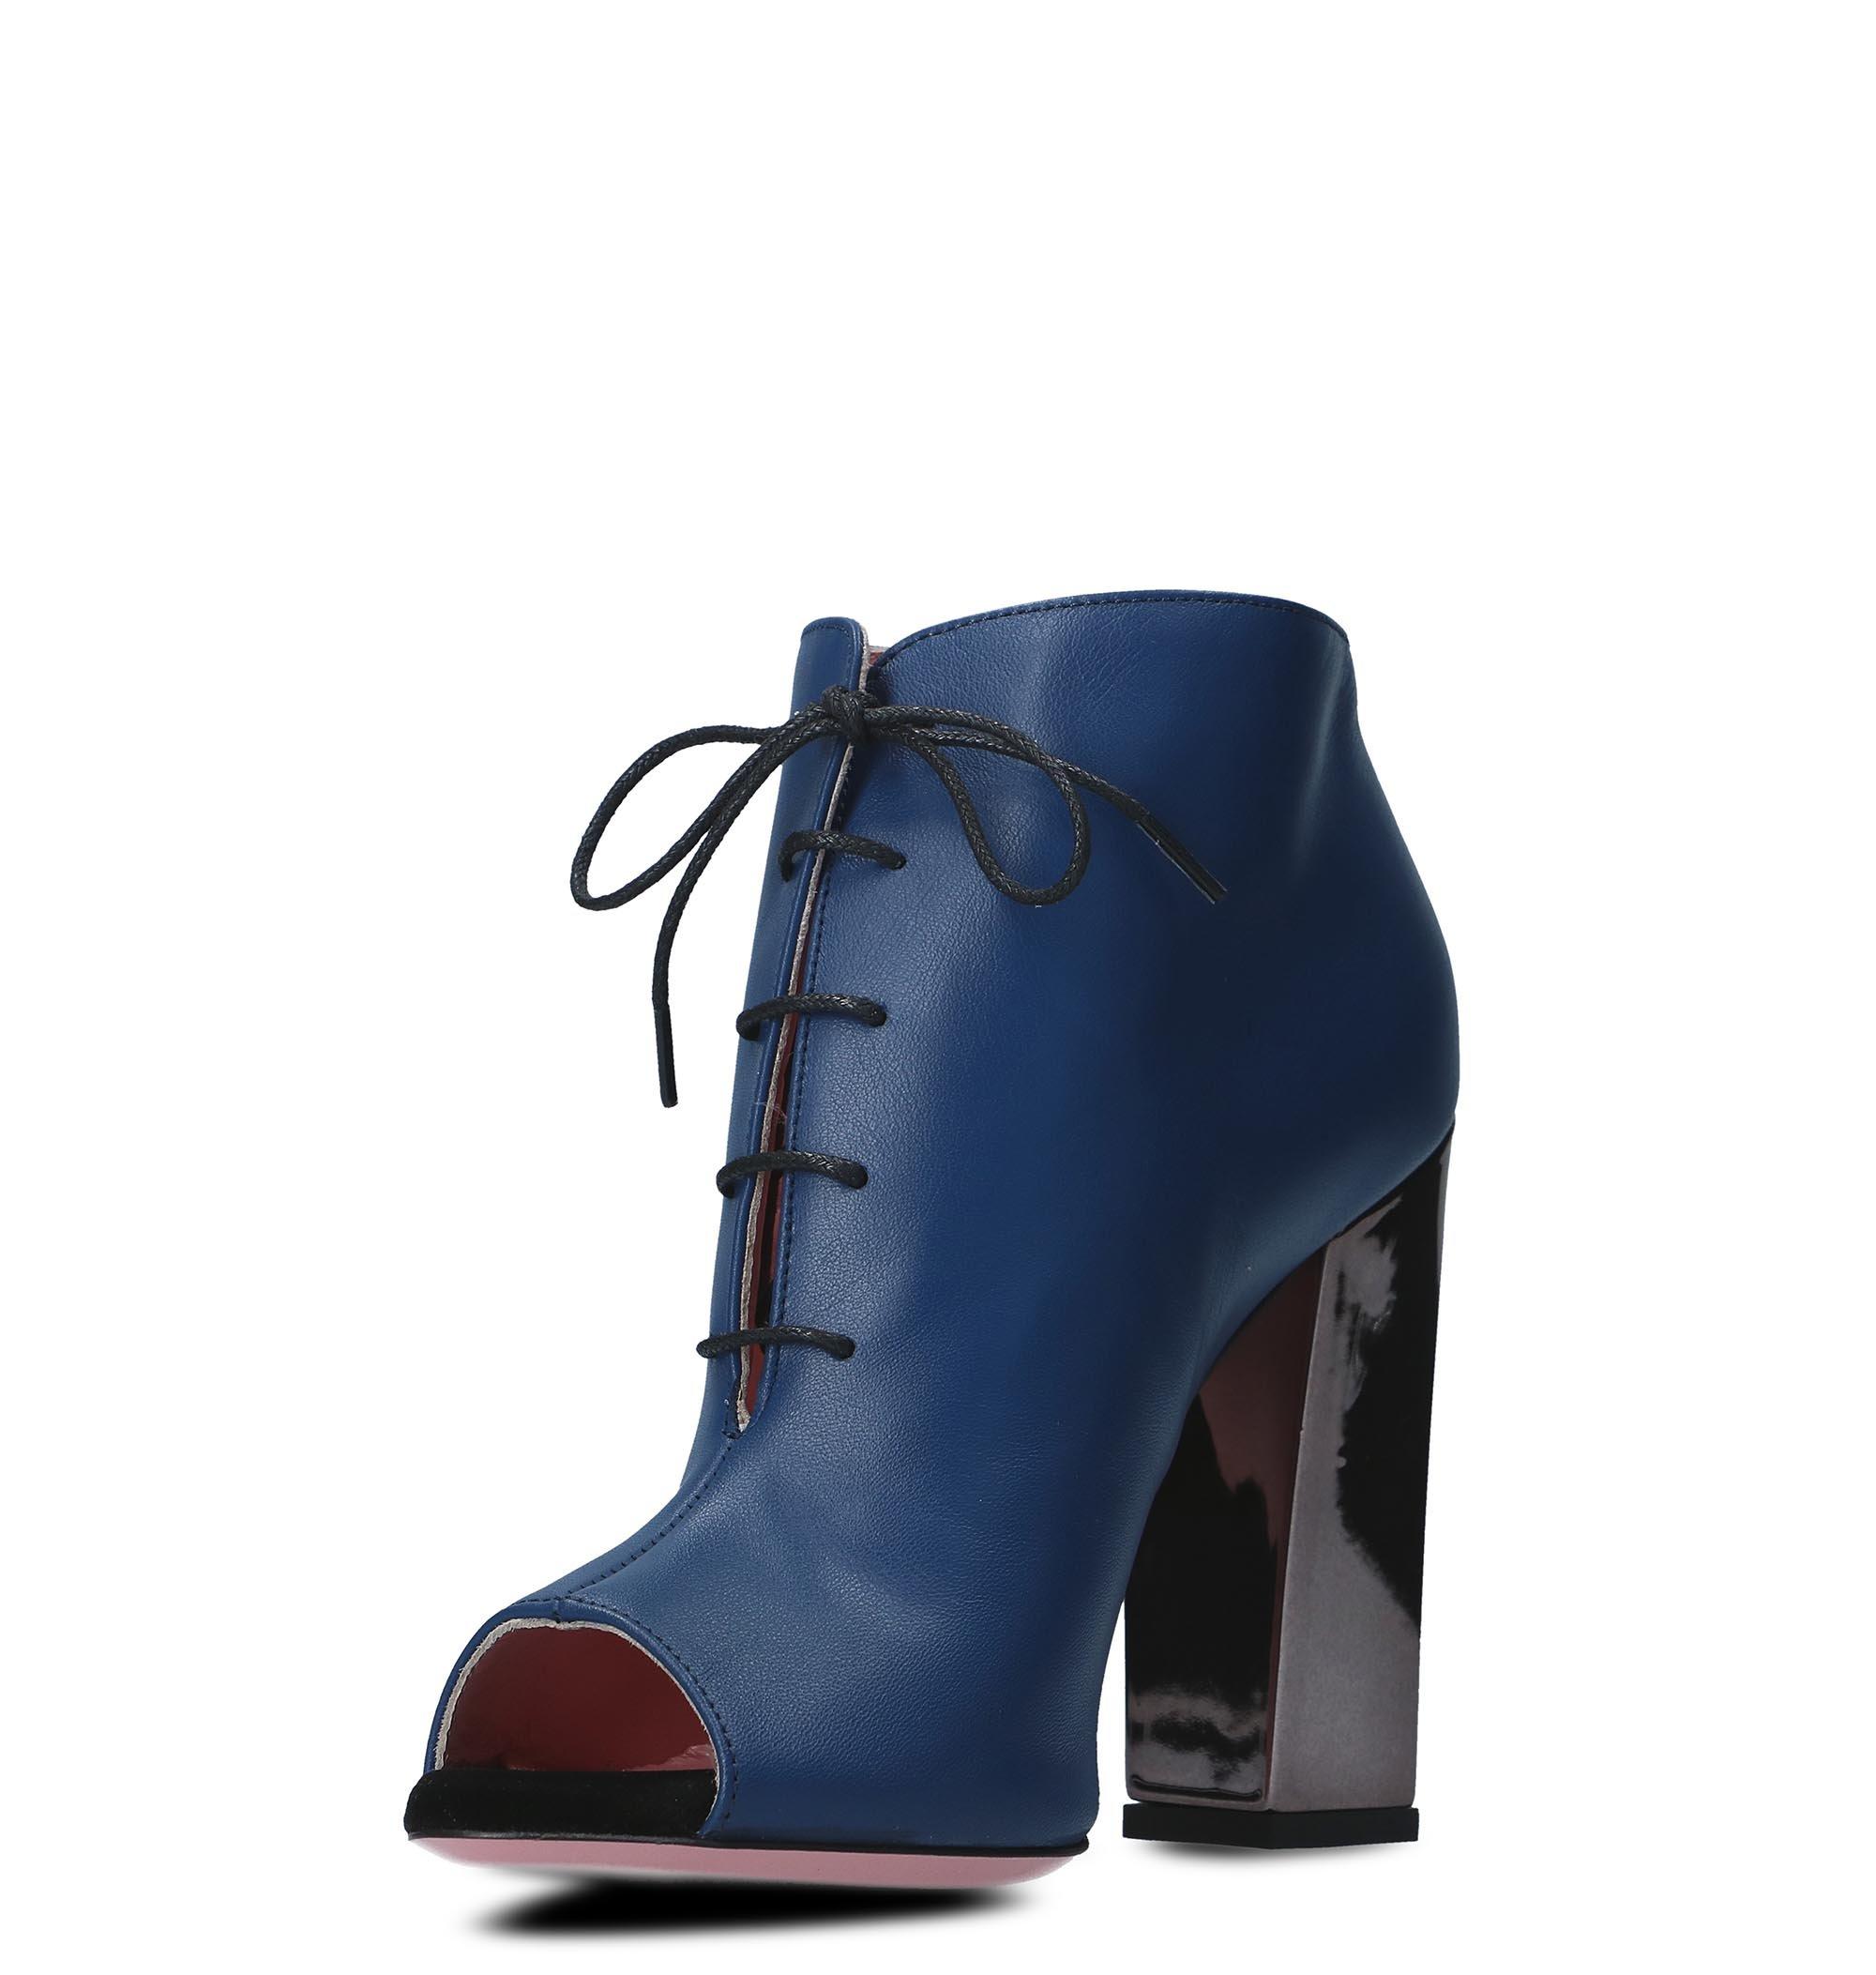 Tacchi Bottines Tipe 4211zbluette Cuir Femme Bleu E 5qwgaxgTR